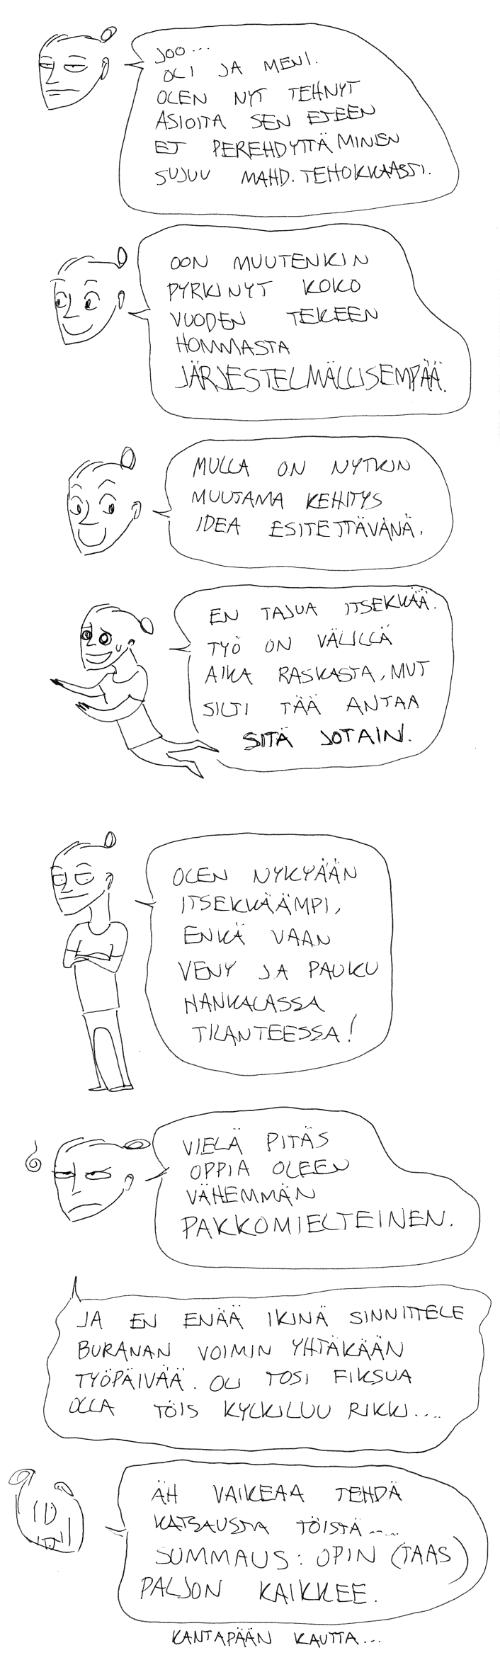 tammi20170202